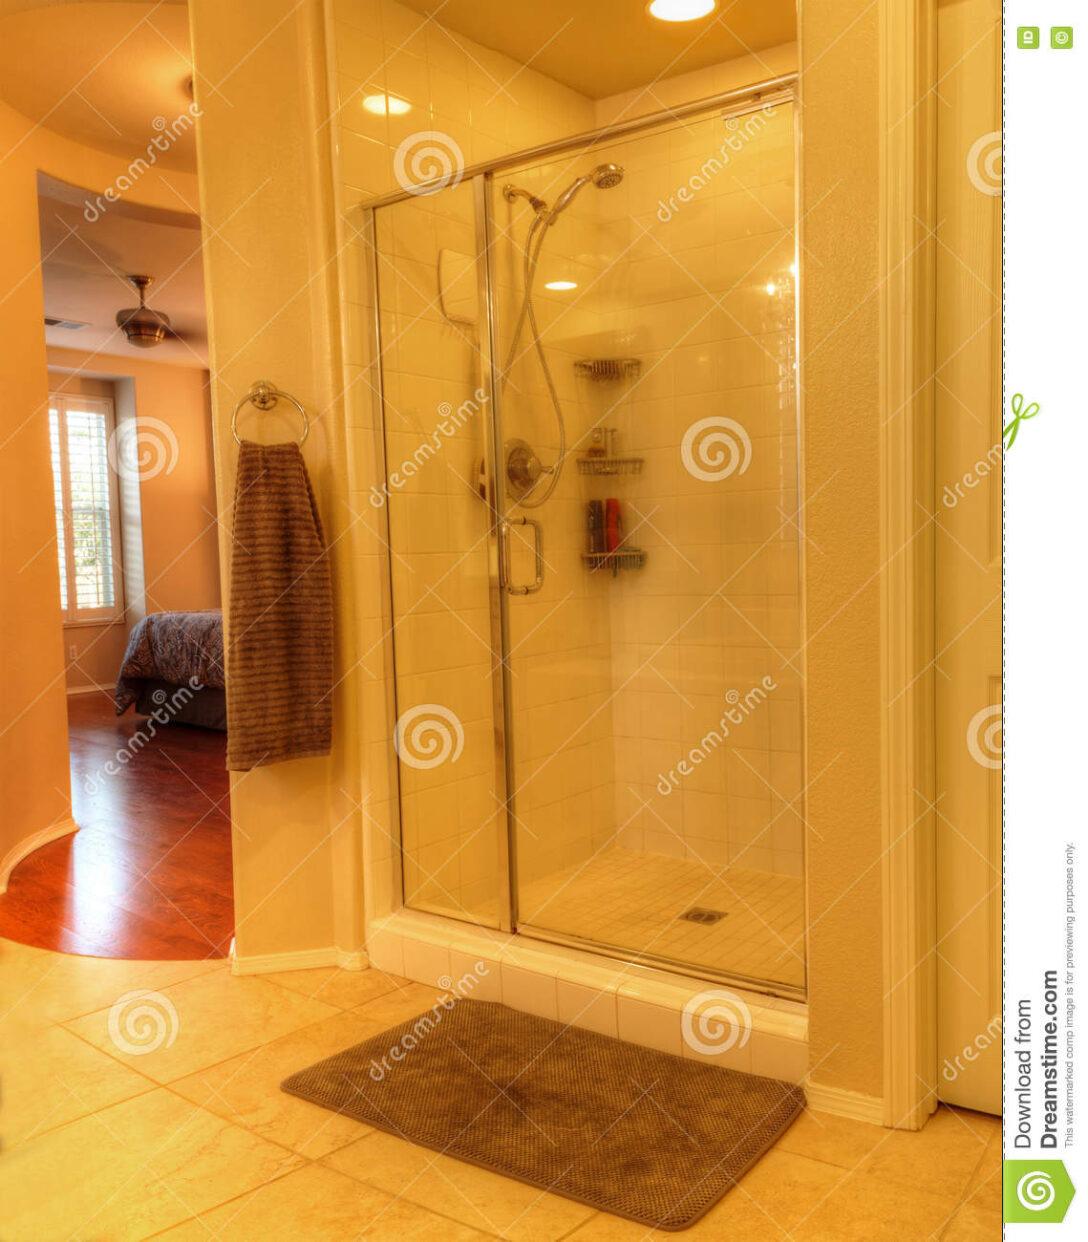 Large Size of Glastür Dusche Mit Einer Glastr Stockbild Bild Von 76163103 Einbauen Wand Antirutschmatte Begehbare Ohne Tür Bluetooth Lautsprecher Fliesen Walk In Schulte Dusche Glastür Dusche